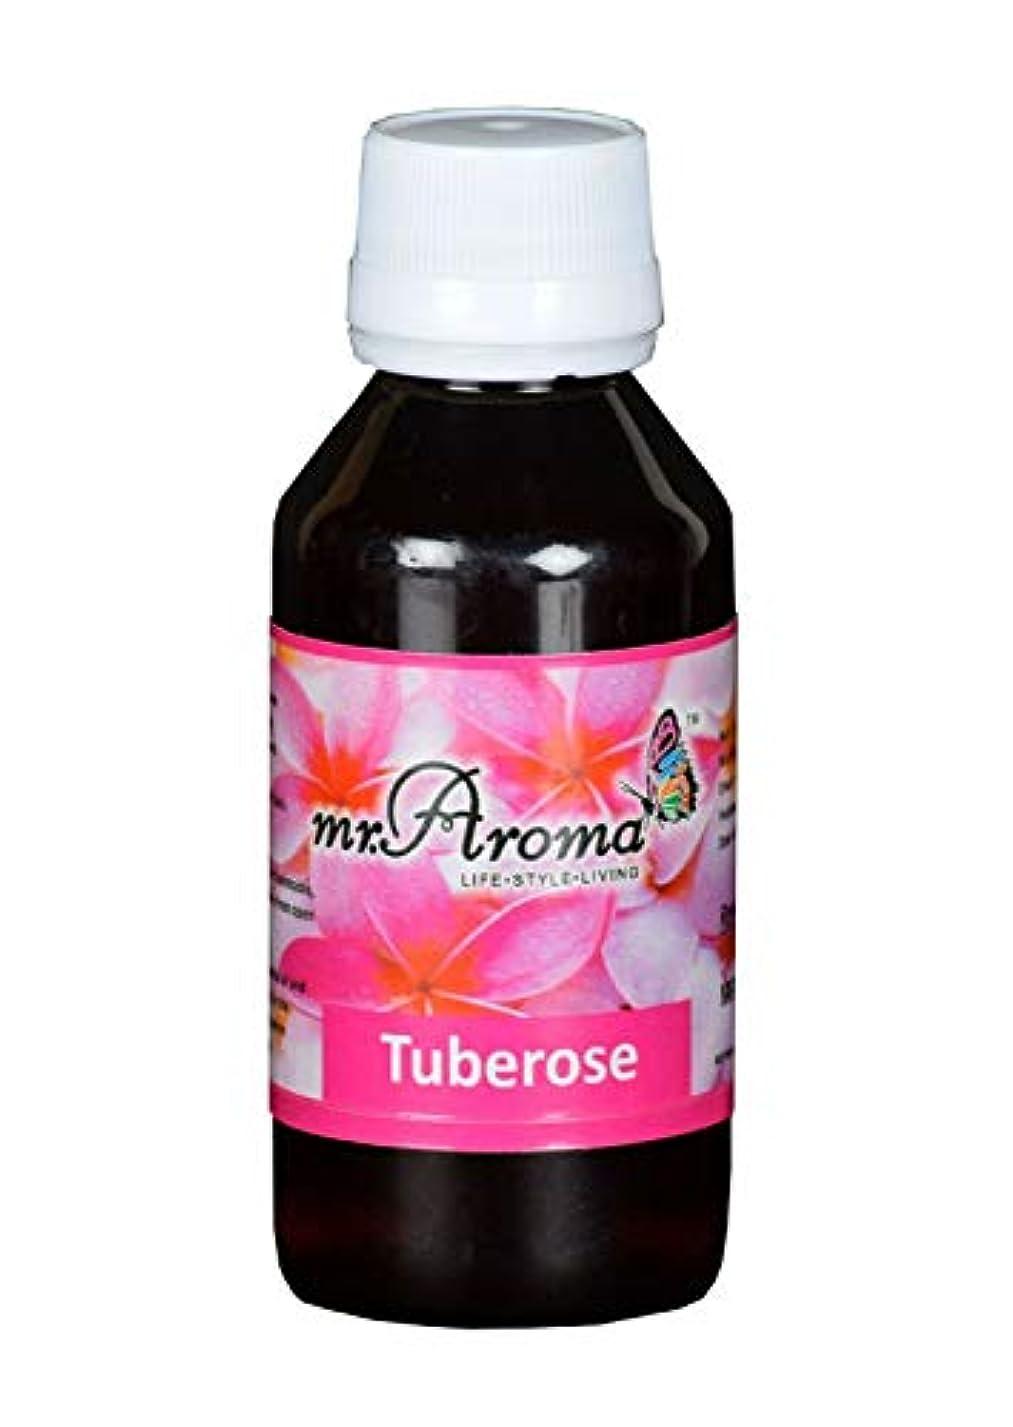 コーンウォールフレッシュ運賃Mr. Aroma Tuberose Vaporizer/Essential Oil 15ml